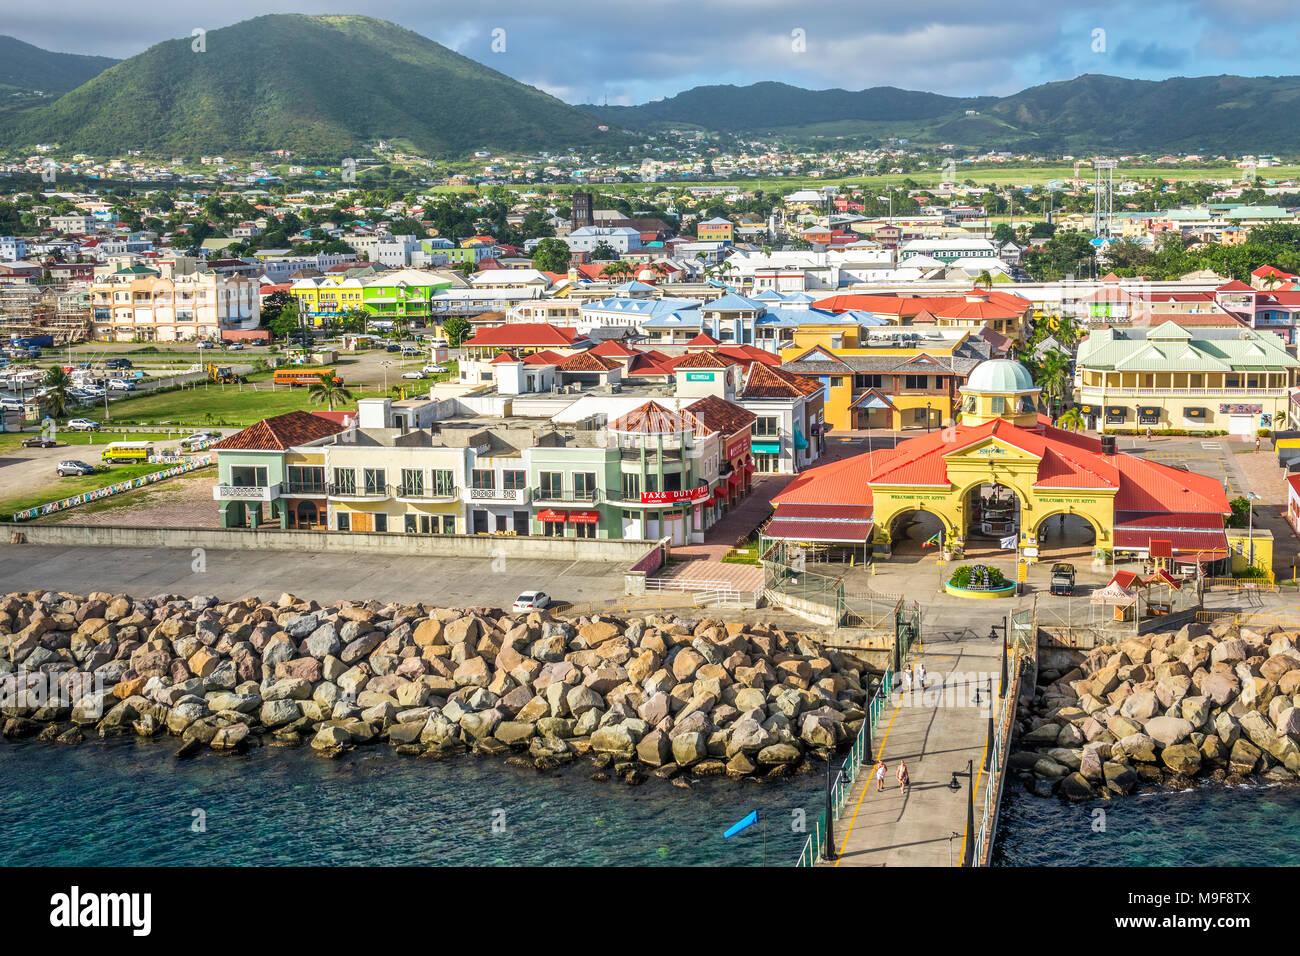 Le Port de Zante Basseterre, Saint Kitts, West Indies Banque D'Images